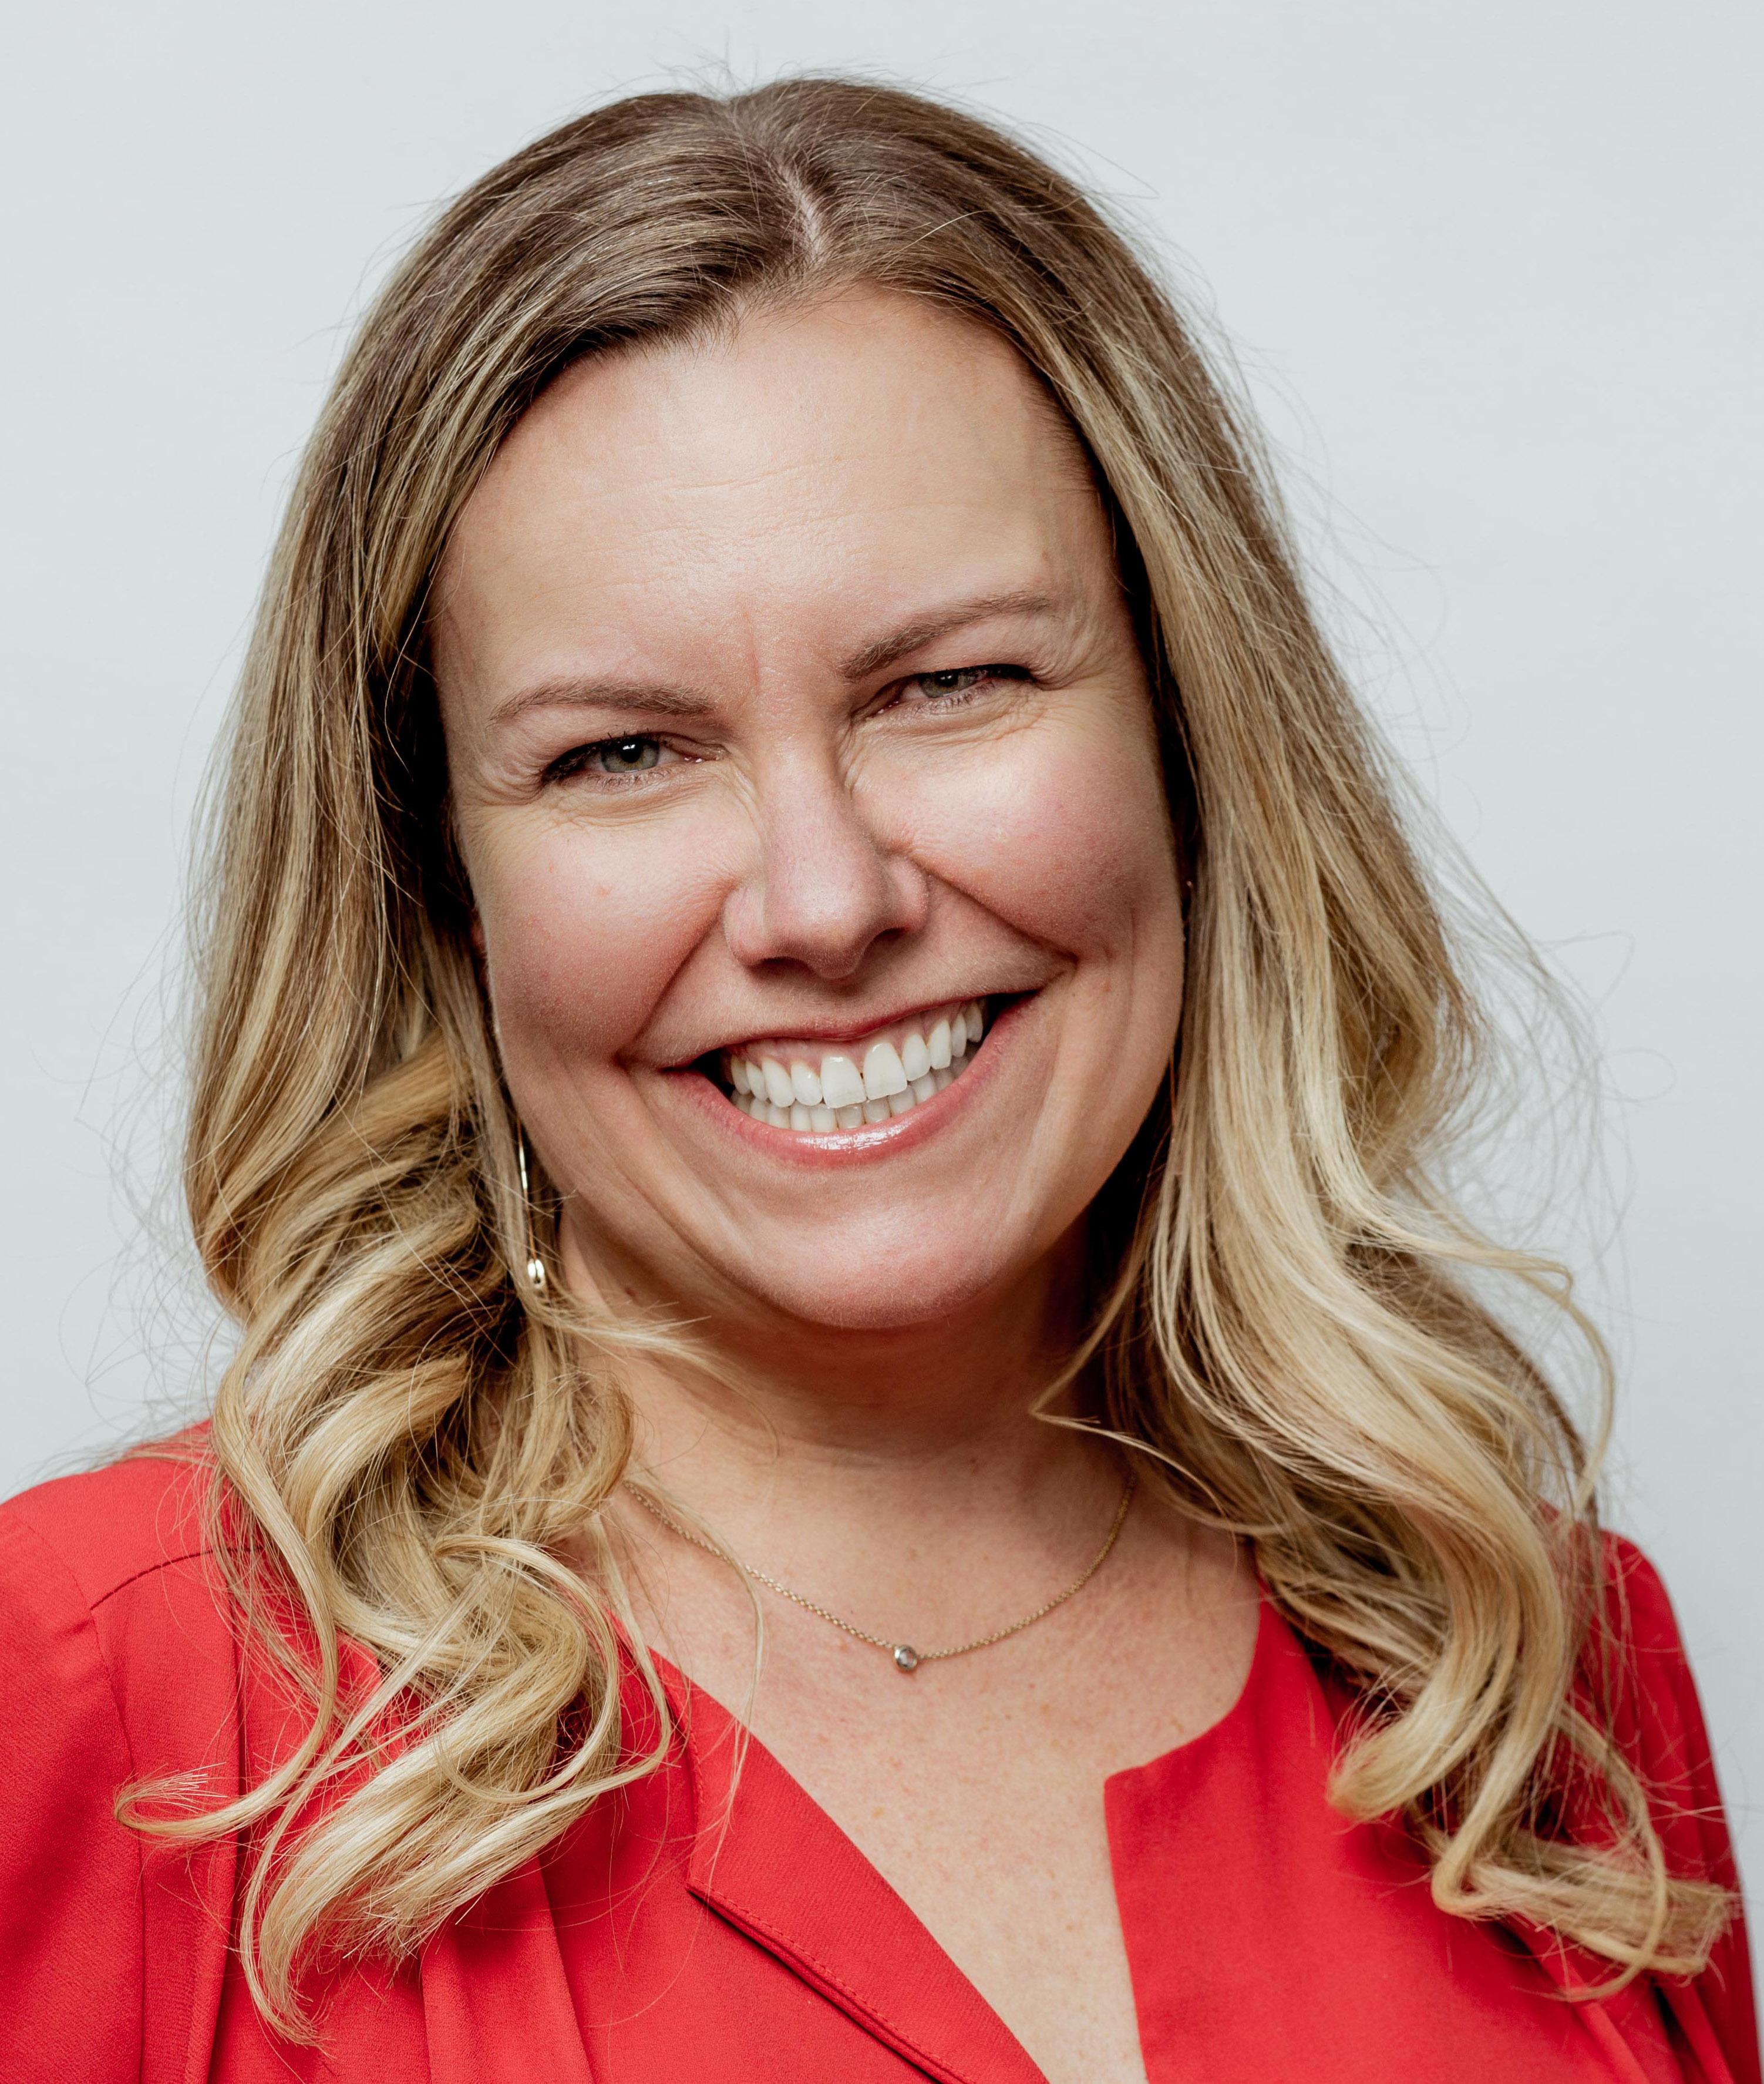 Lindsay Kruse